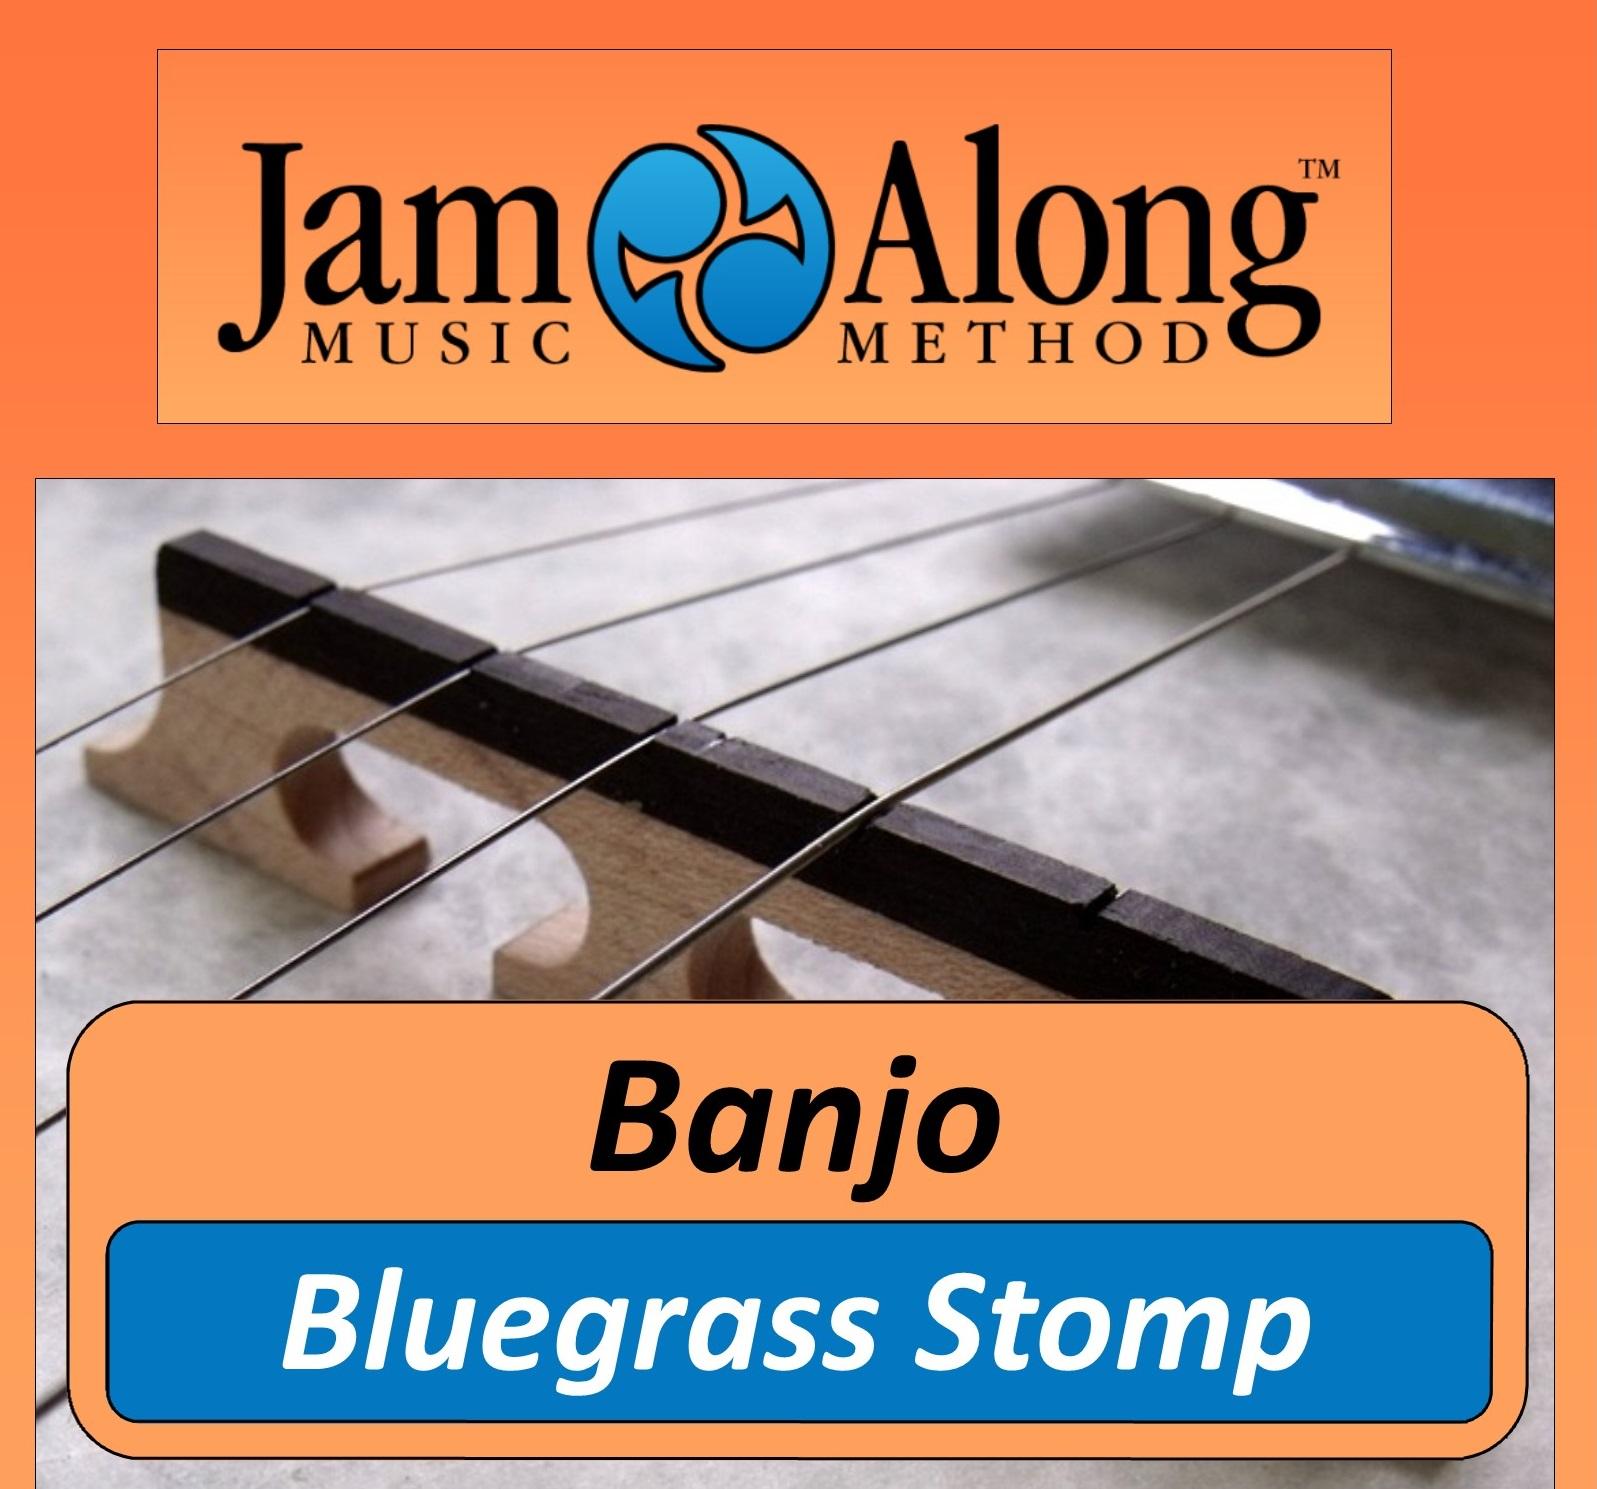 Bluegrass Stomp